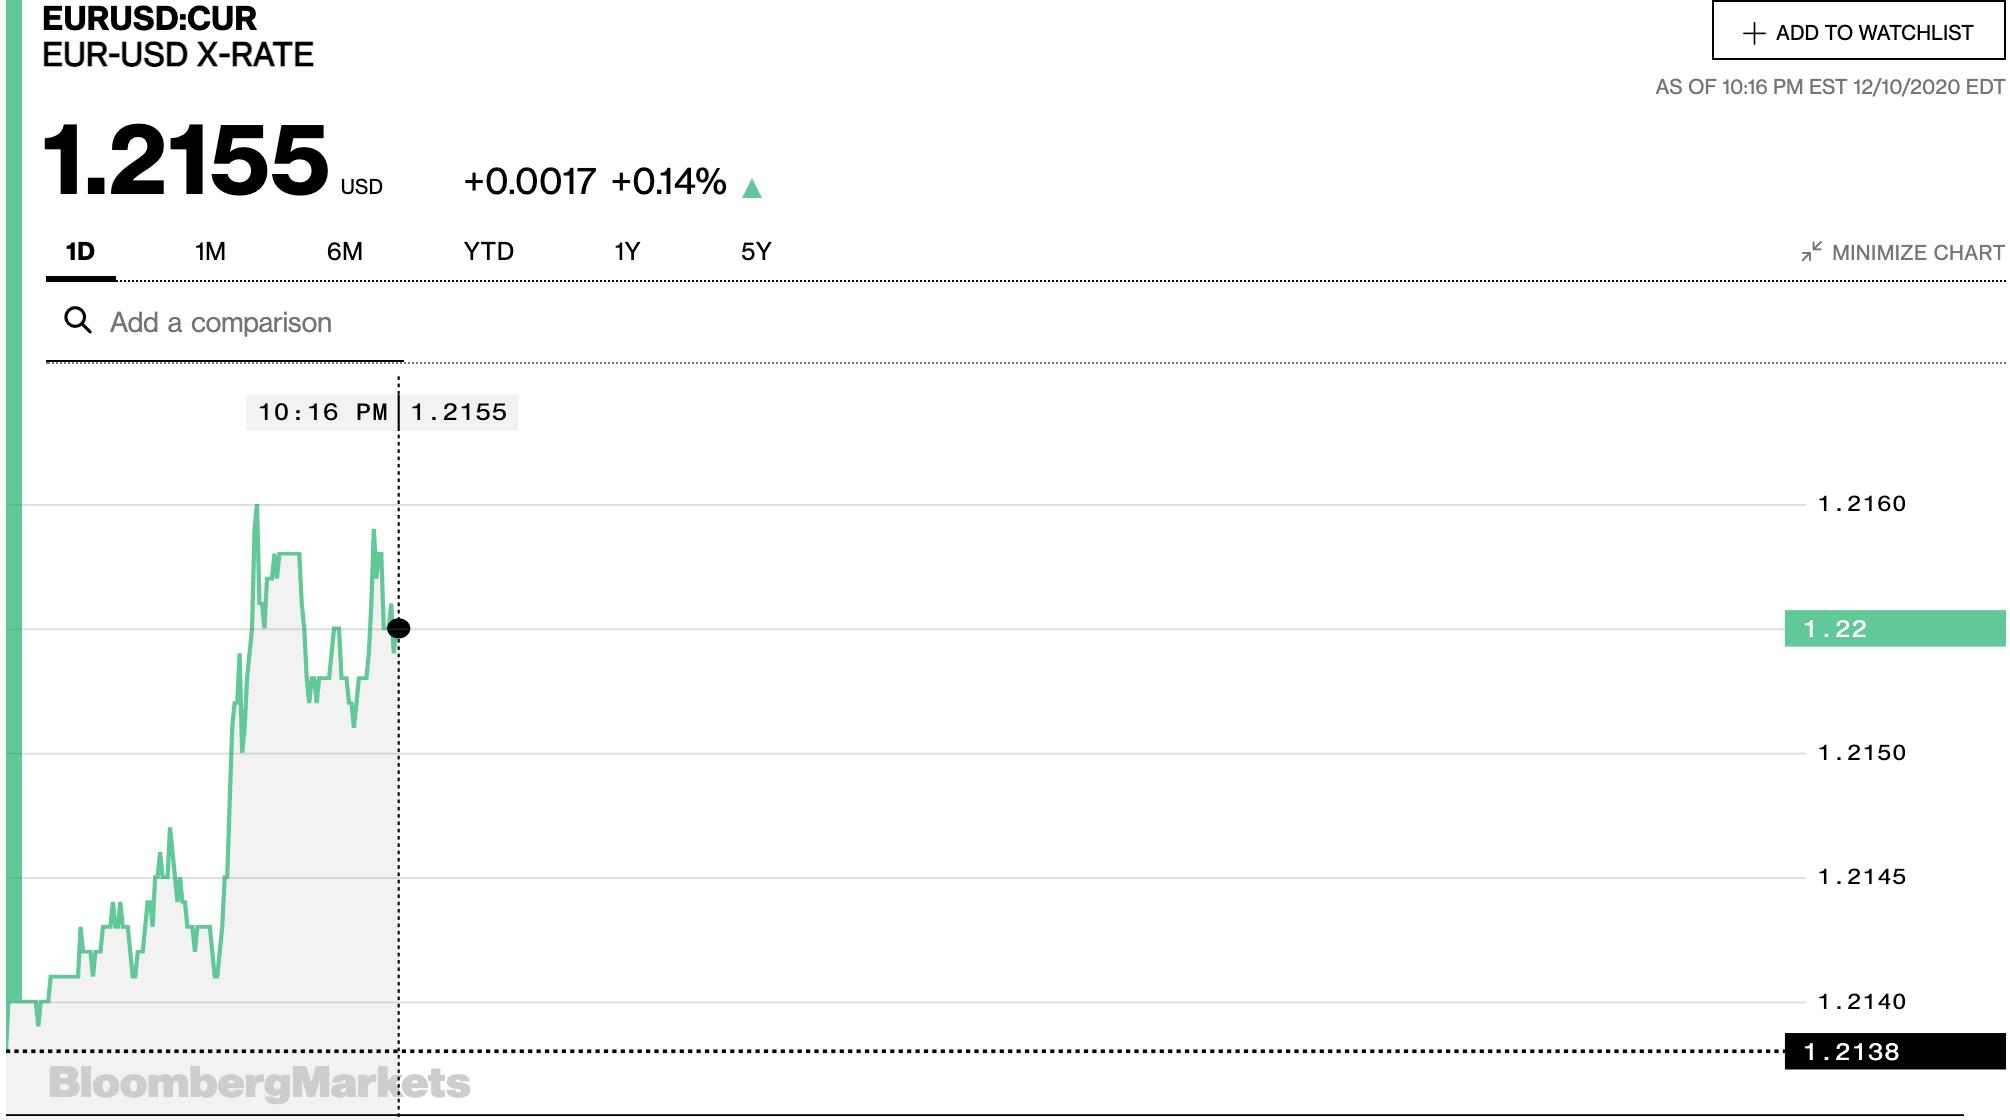 Tỷ giá euro hôm nay 11/12: Tăng tại các ngân hàng trong nước và thị trường chợ đen - Ảnh 2.